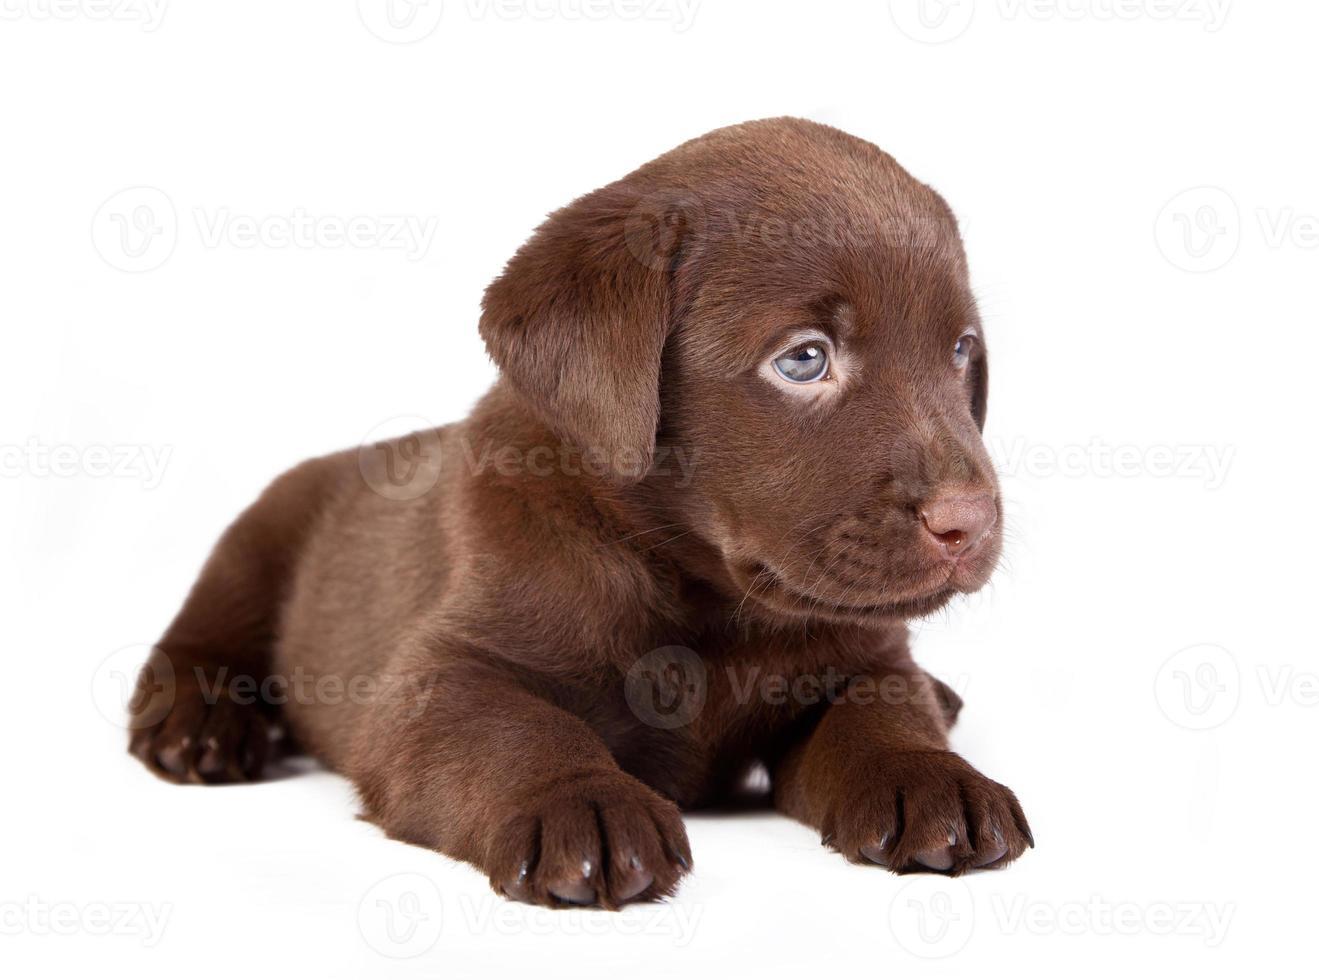 chocolate cachorro labrador está acostado en el blanco foto